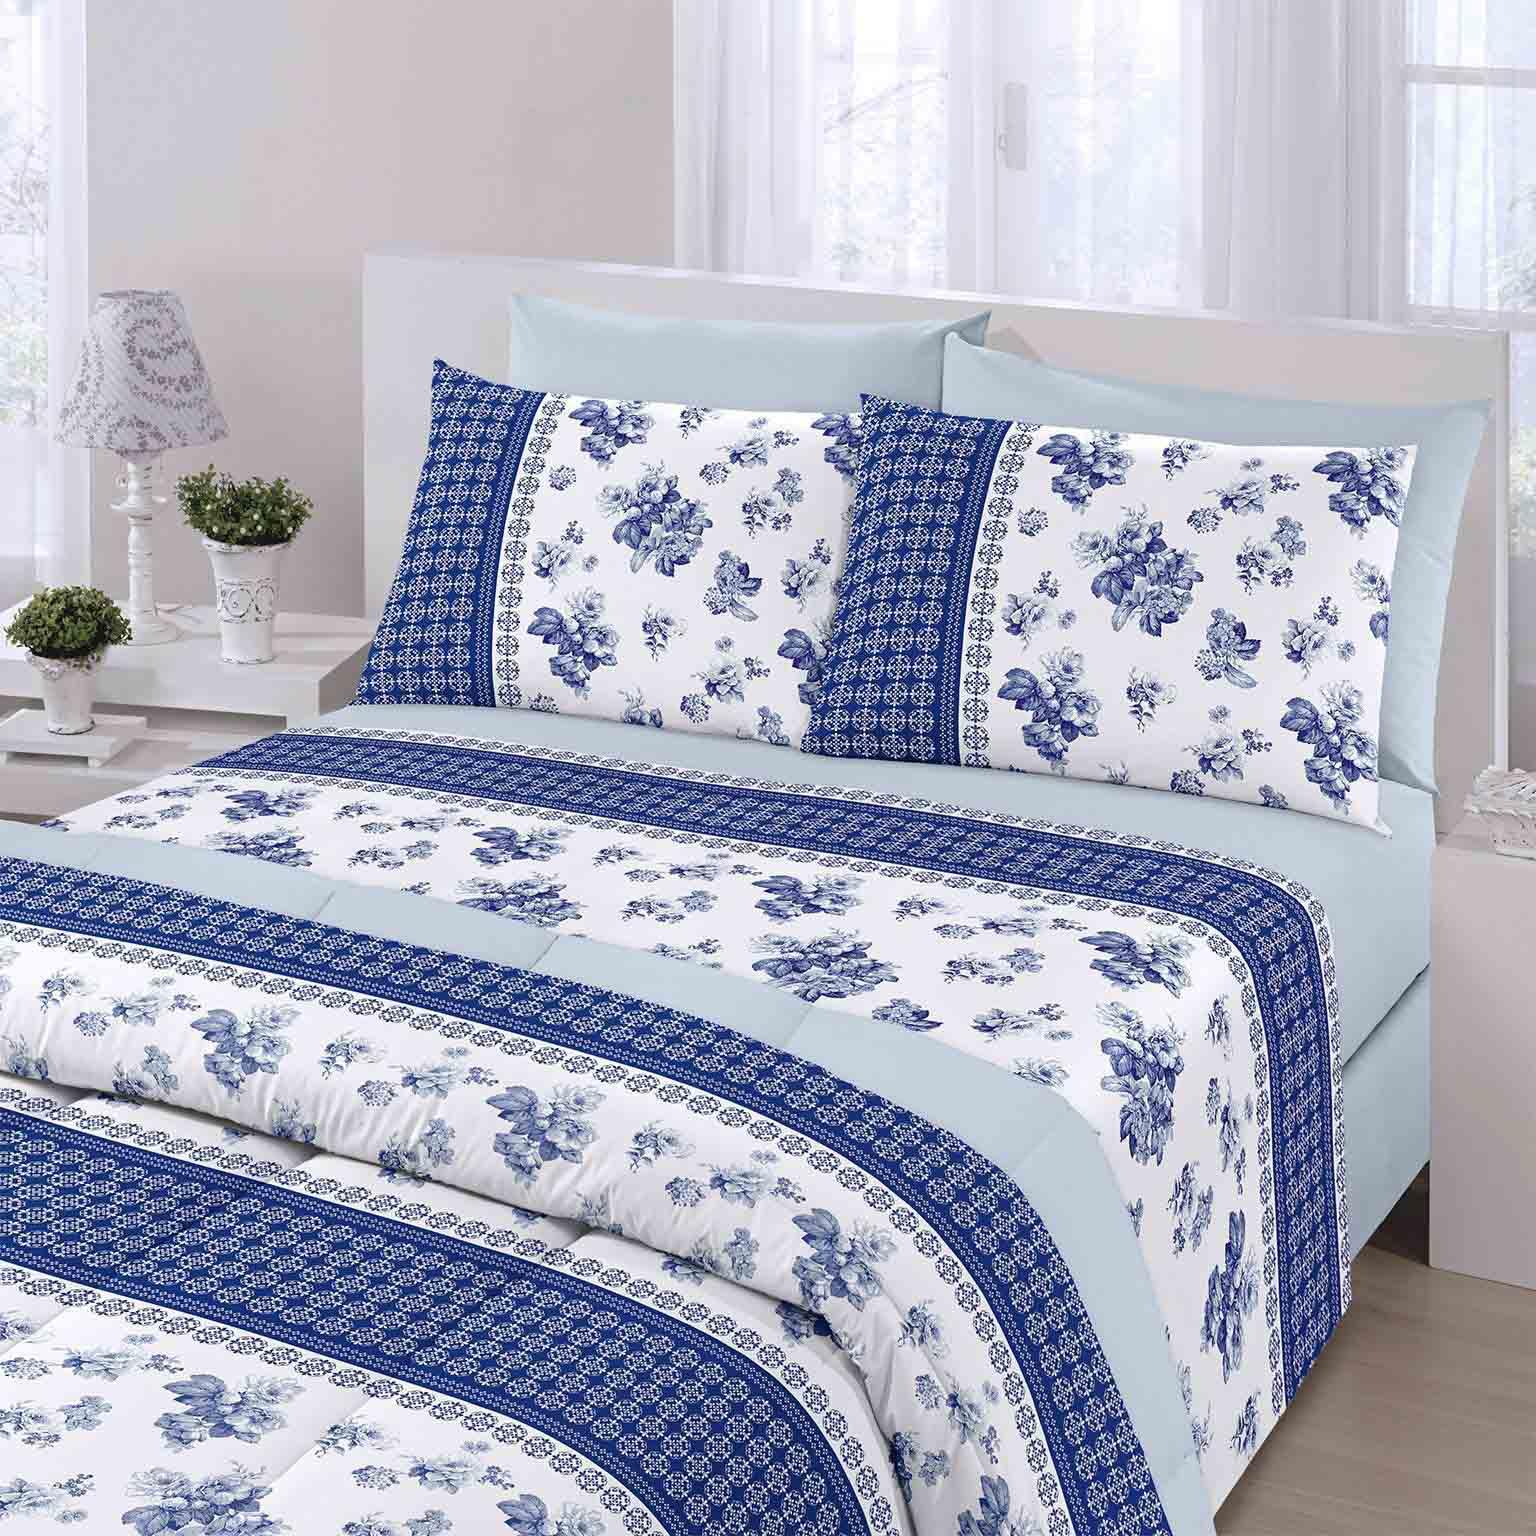 Jogo de cama casal Royal Beth 1 100% algodão estampado Floral Azul - Santista